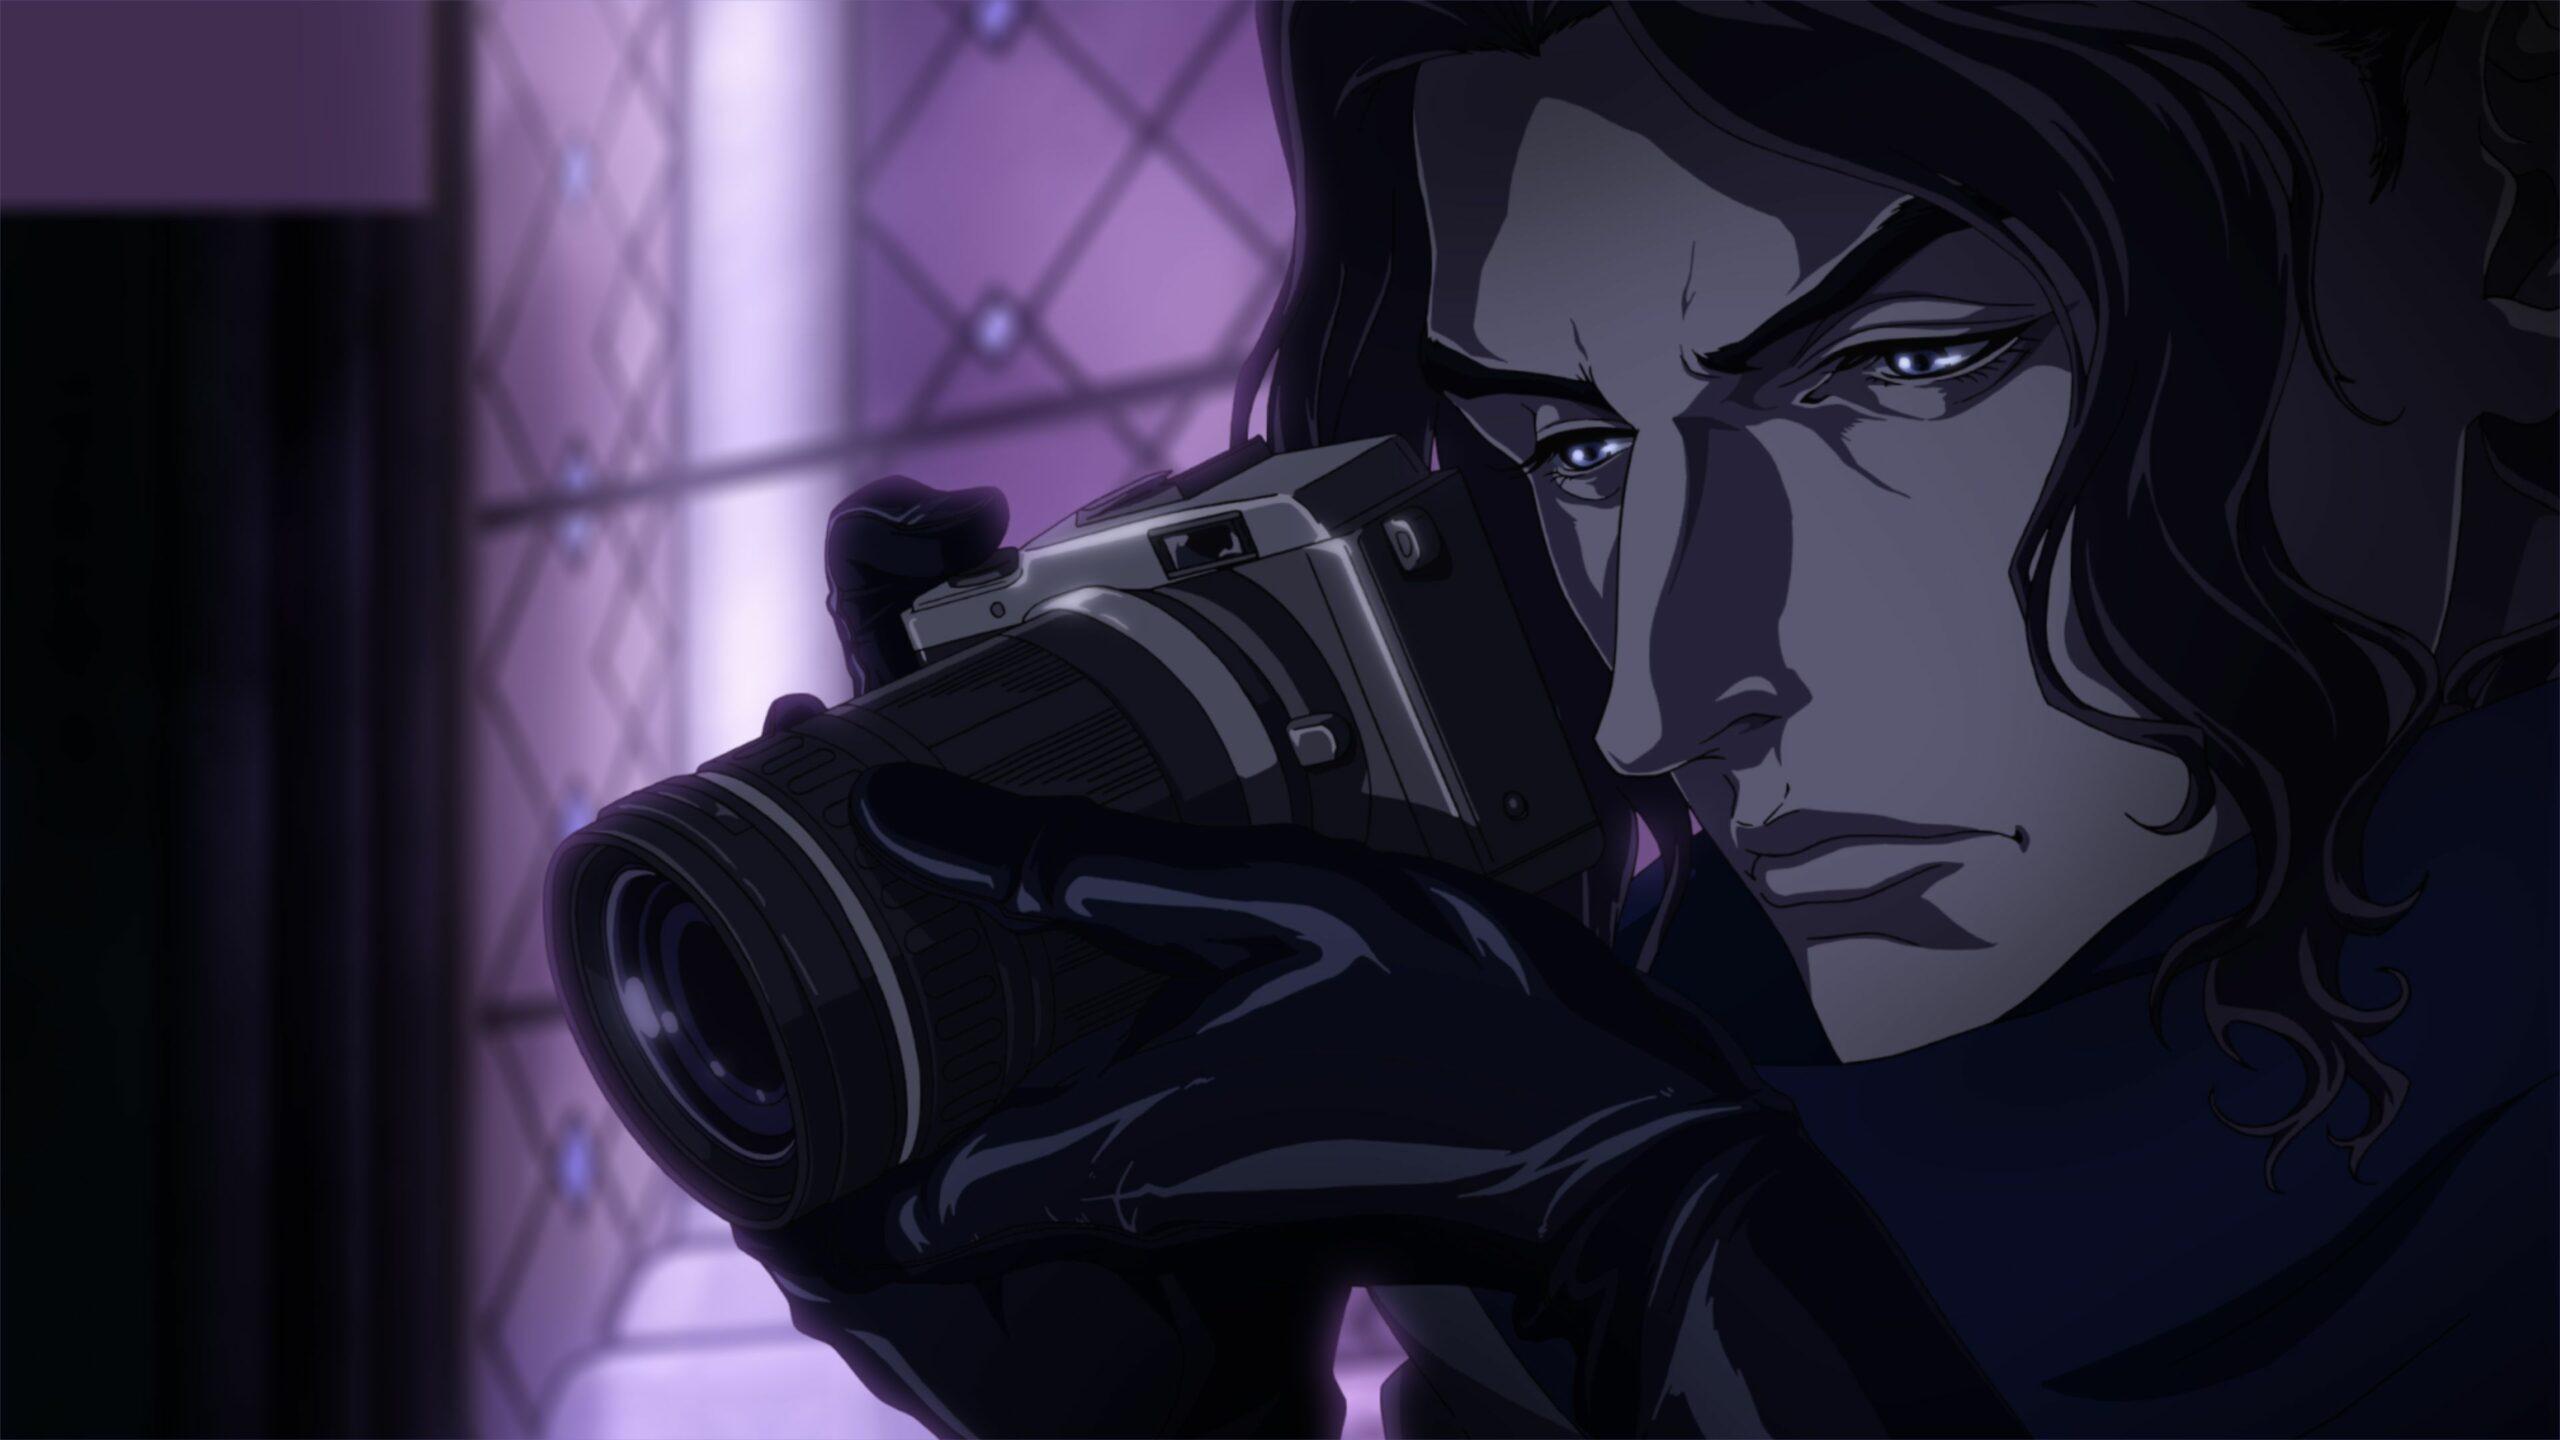 Bayonetta_Bloody_Fate_Szenenbilder_05.72dpi